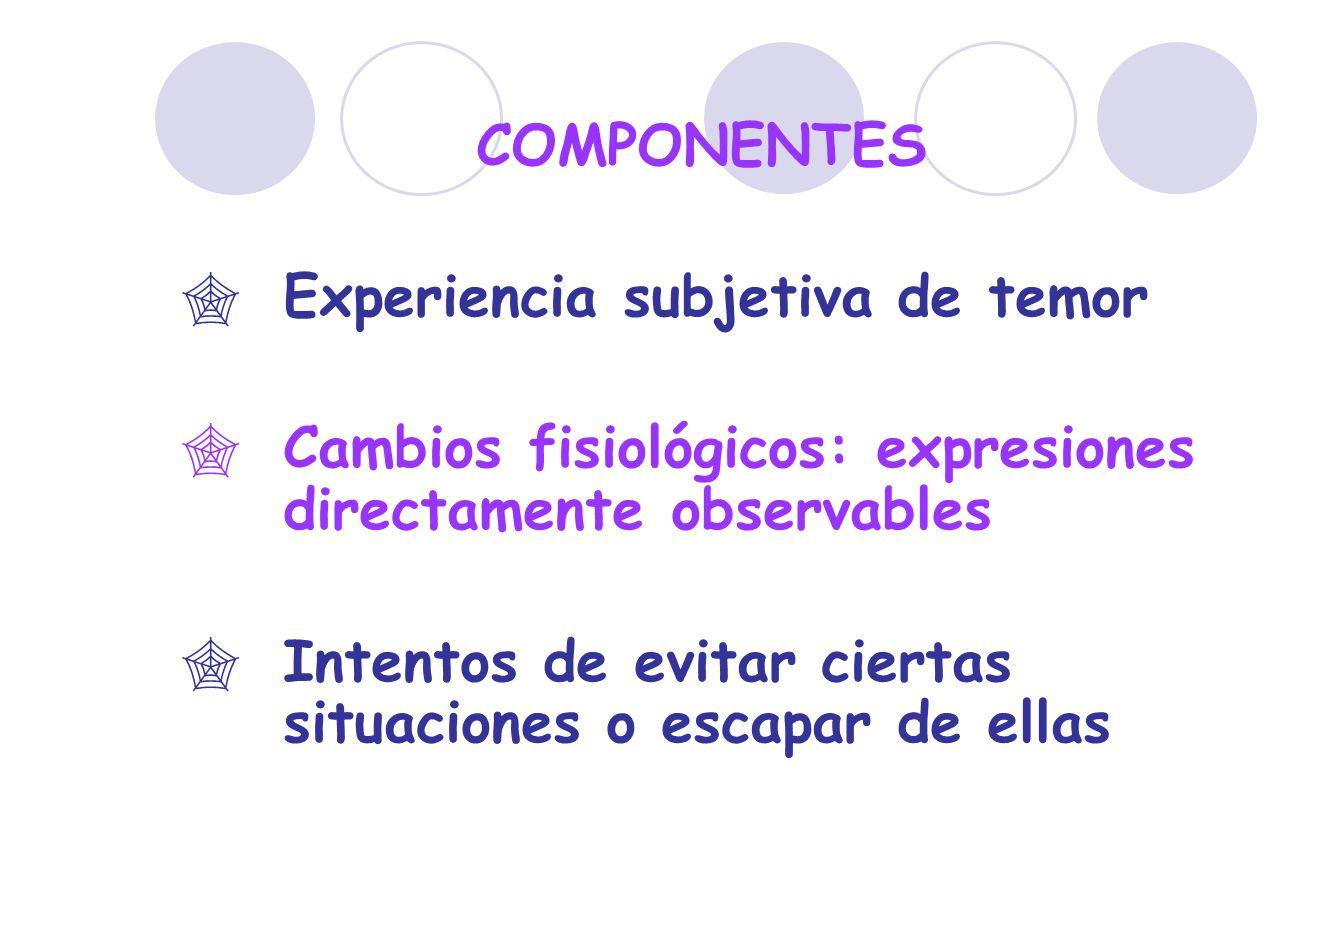 COMPONENTES Experiencia subjetiva de temor. Cambios fisiológicos: expresiones directamente observables.